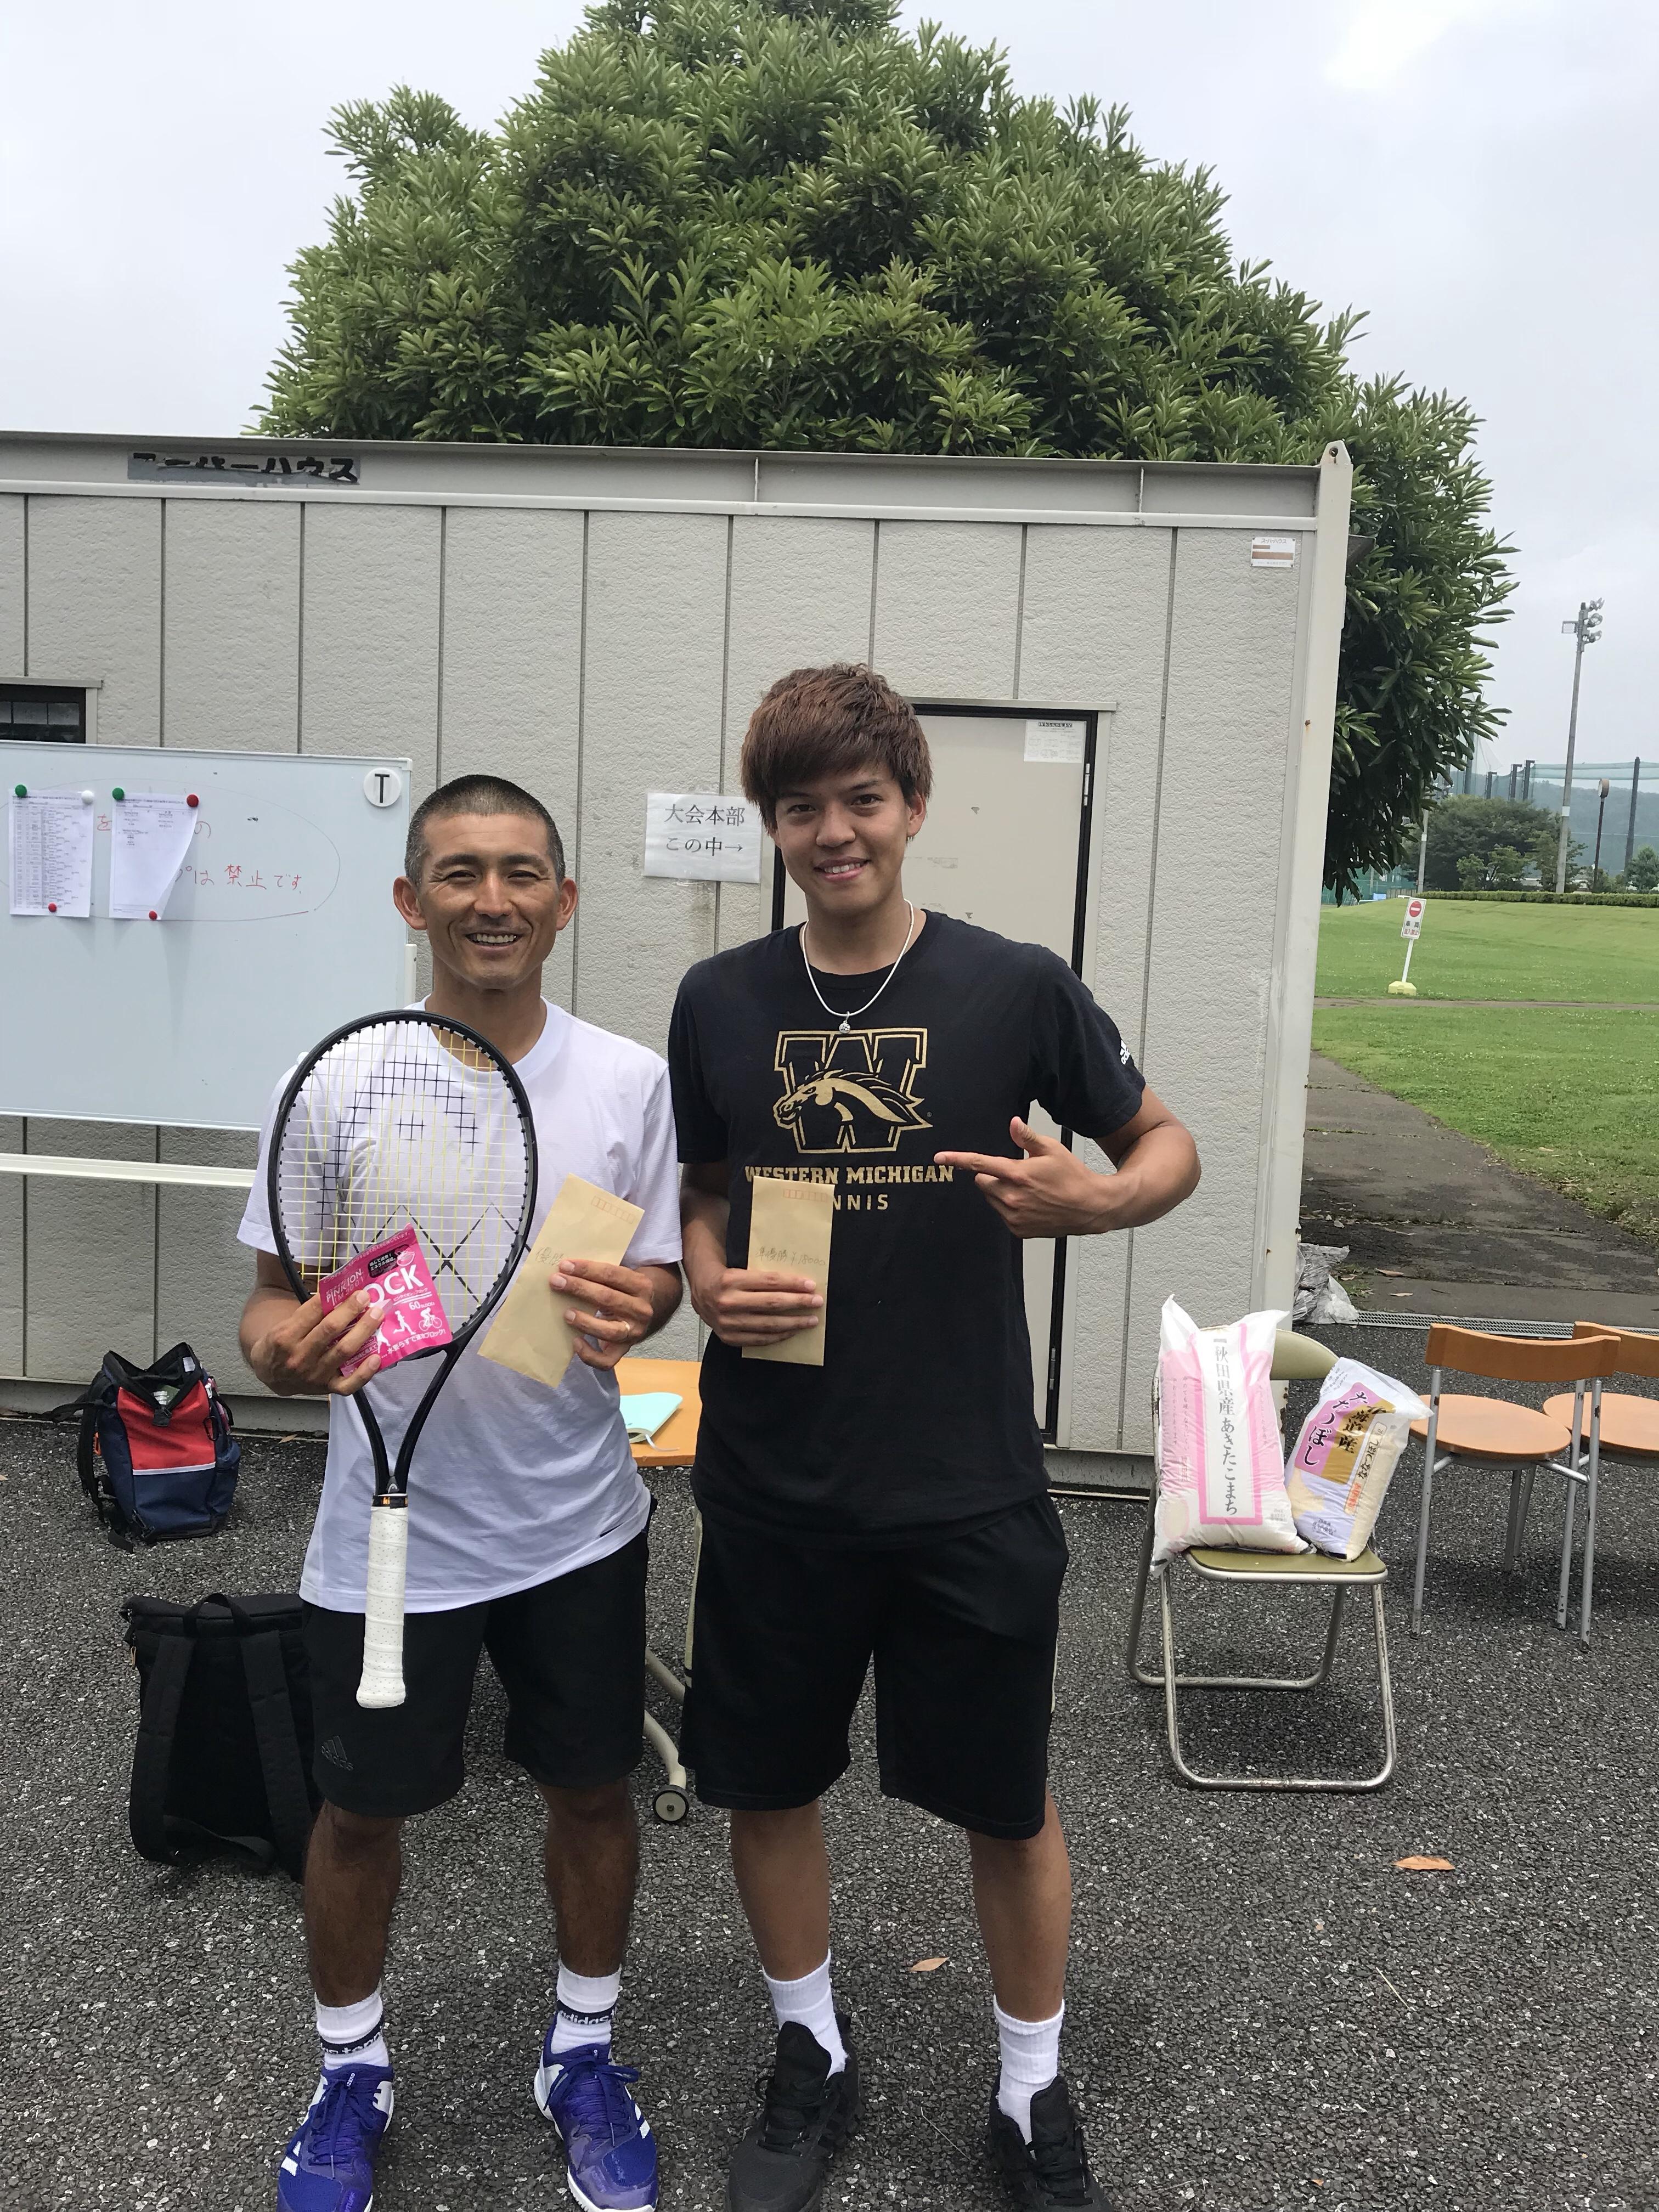 2018 武蔵引田オープン 6月大会【プロテニスプレイヤー比嘉明人オフィシャルブログ】